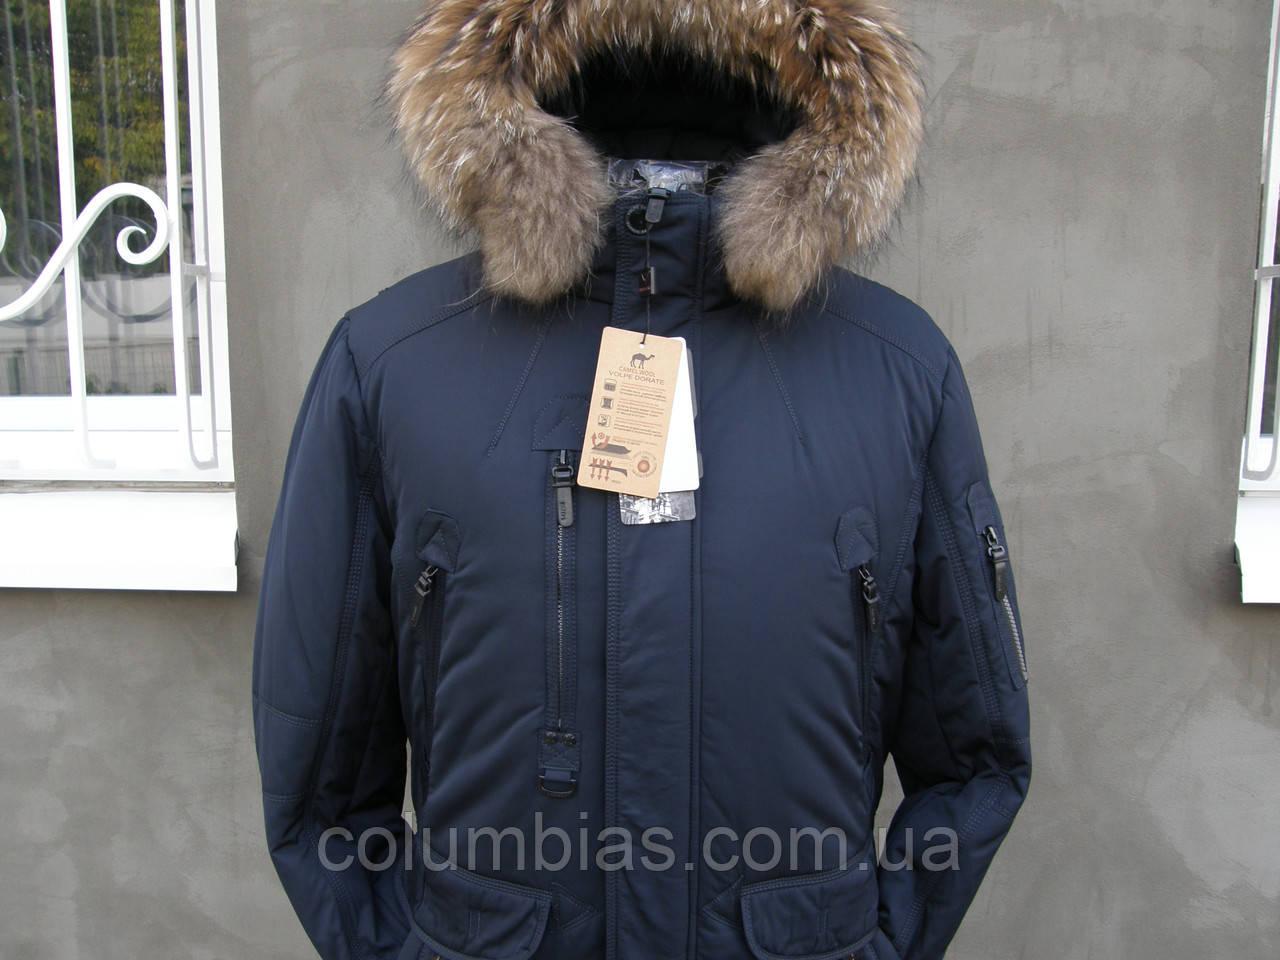 Мужская зимняя куртка на шерсти верблюда - 38 мороза